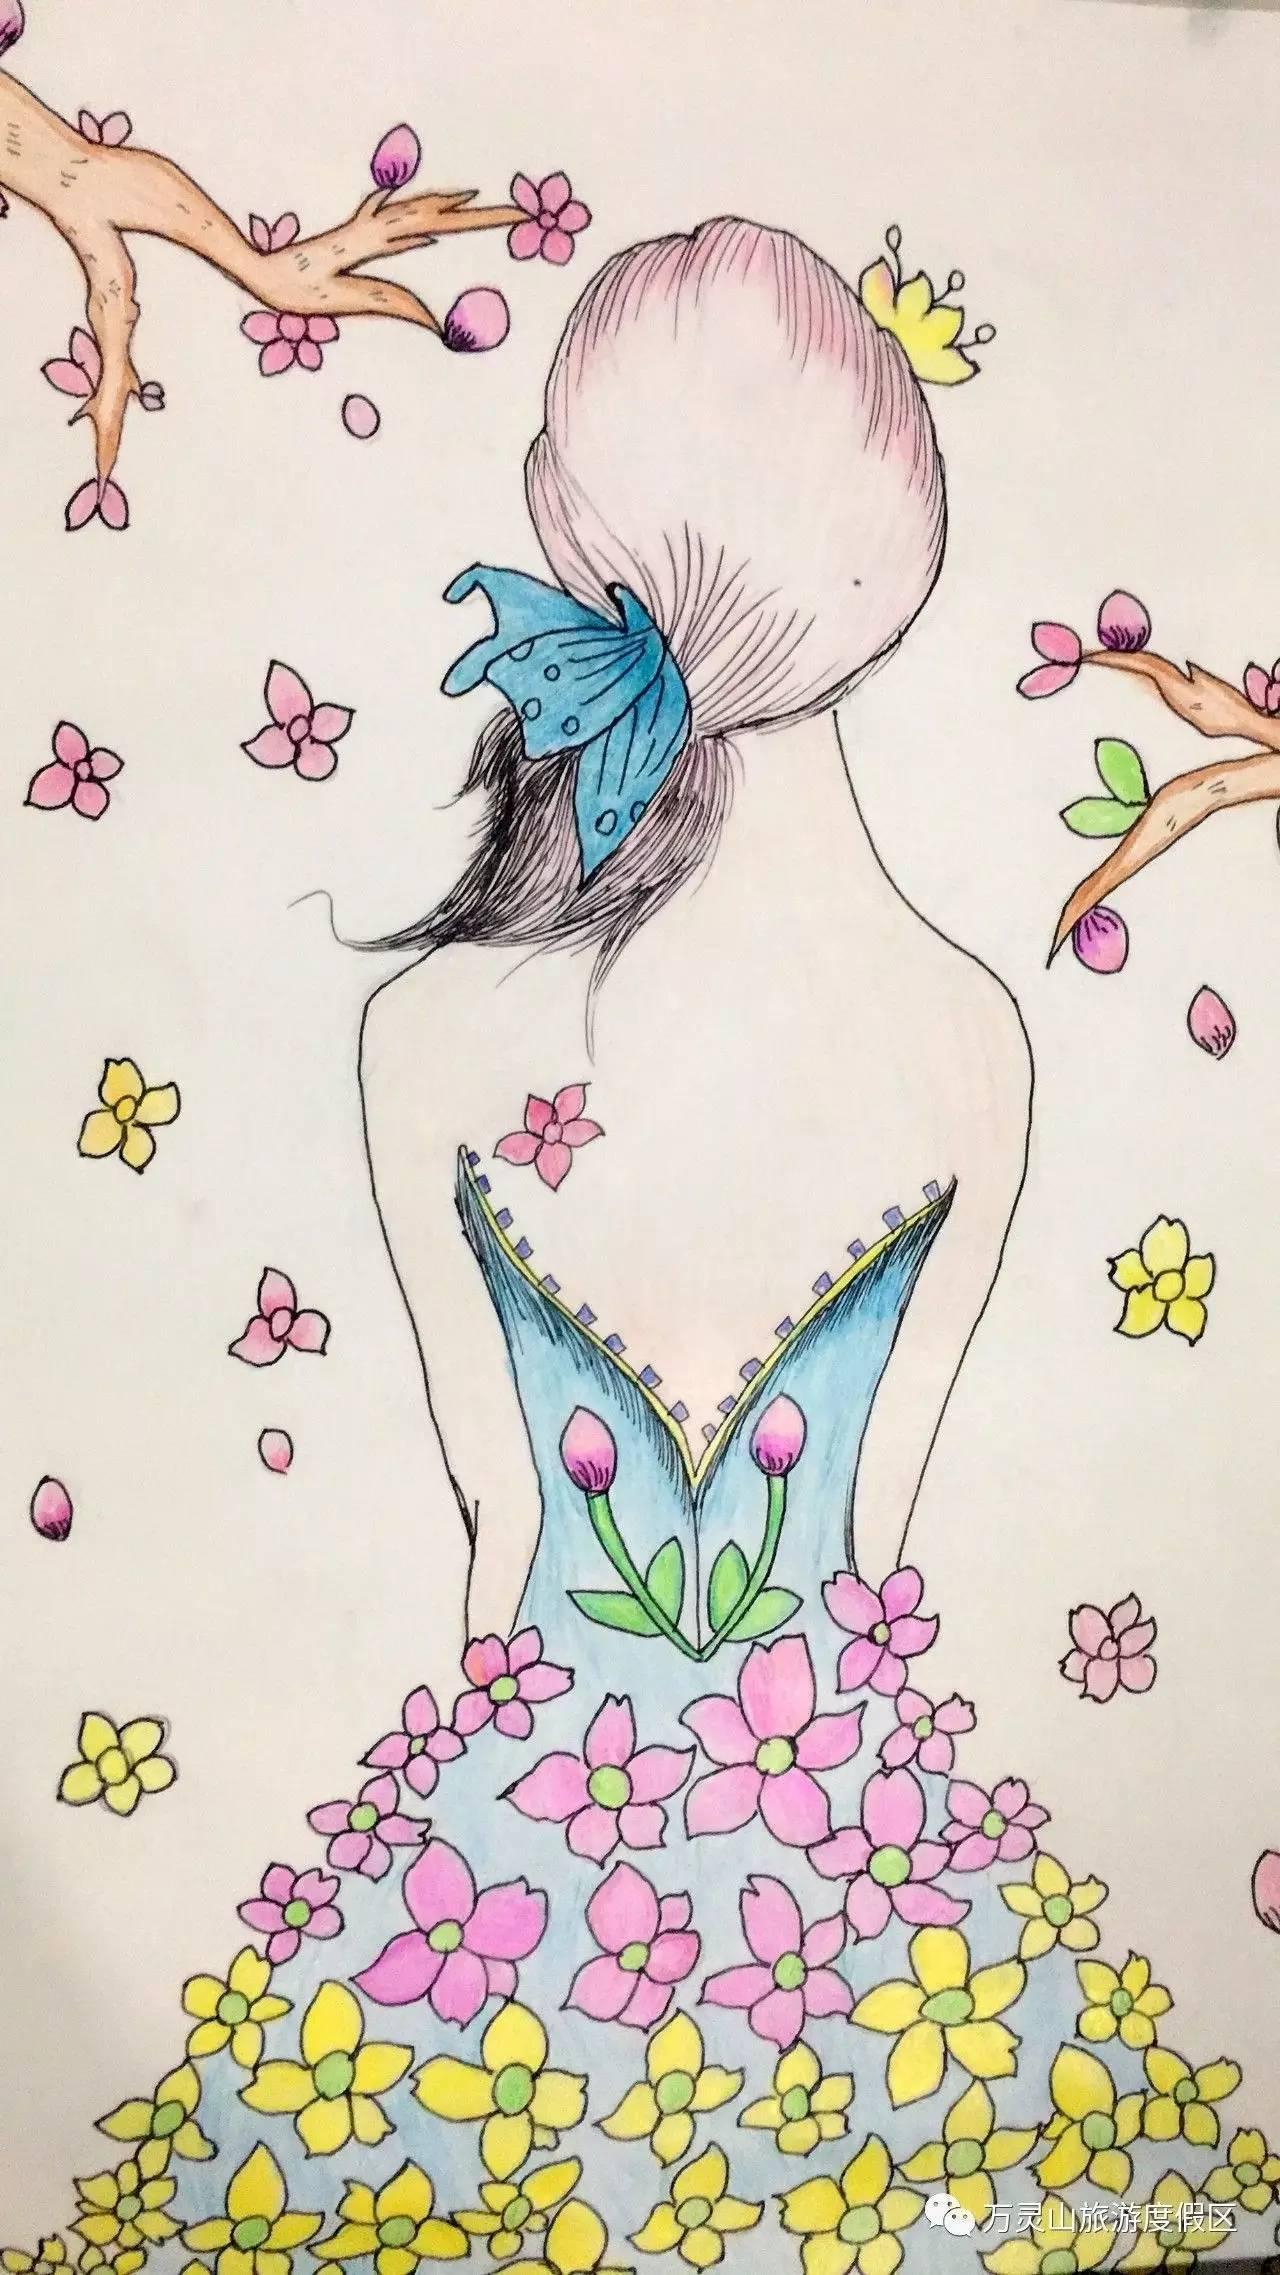 美丽的春天儿童画简单又漂亮 - 5068儿童网